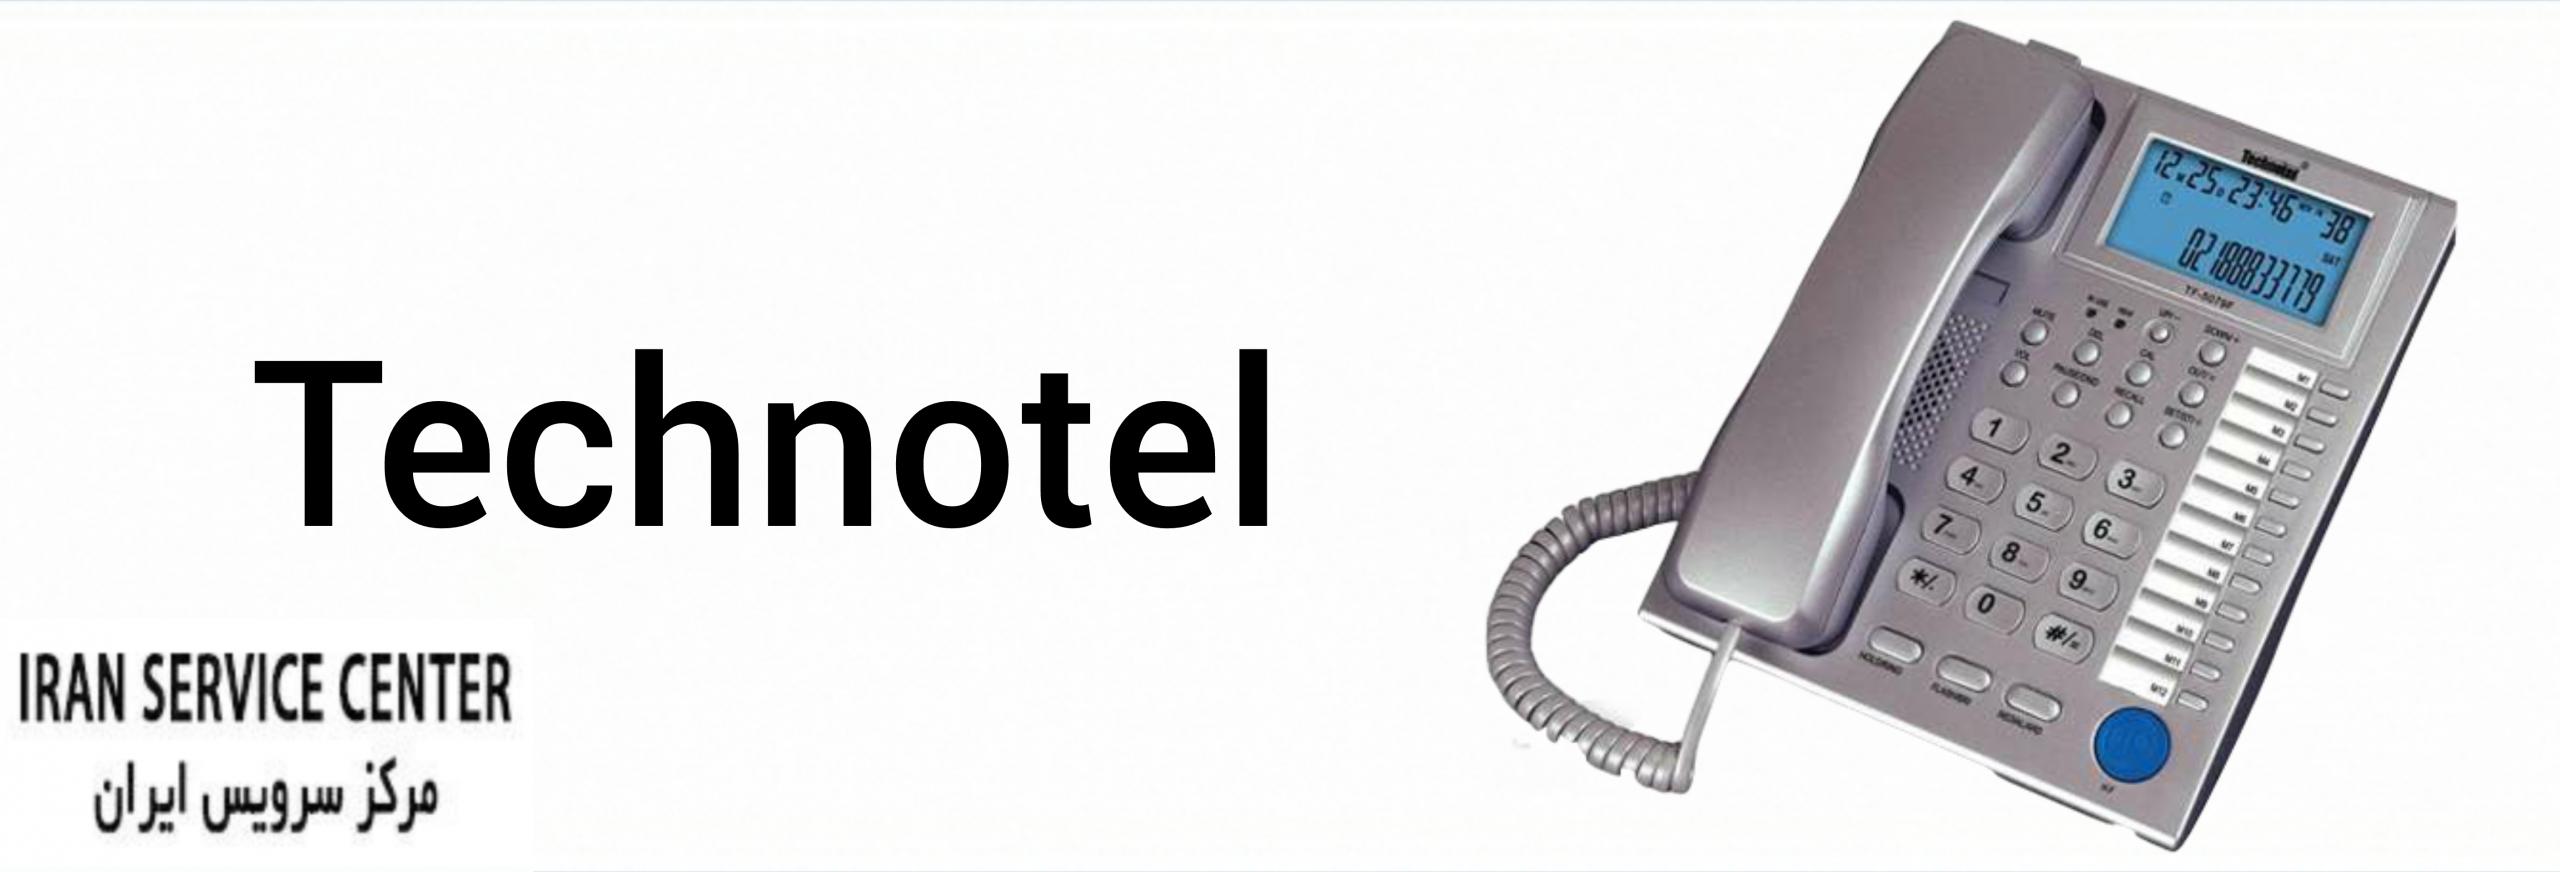 نمایندگی تعمیرات تلفن تکنوتل (technotel)